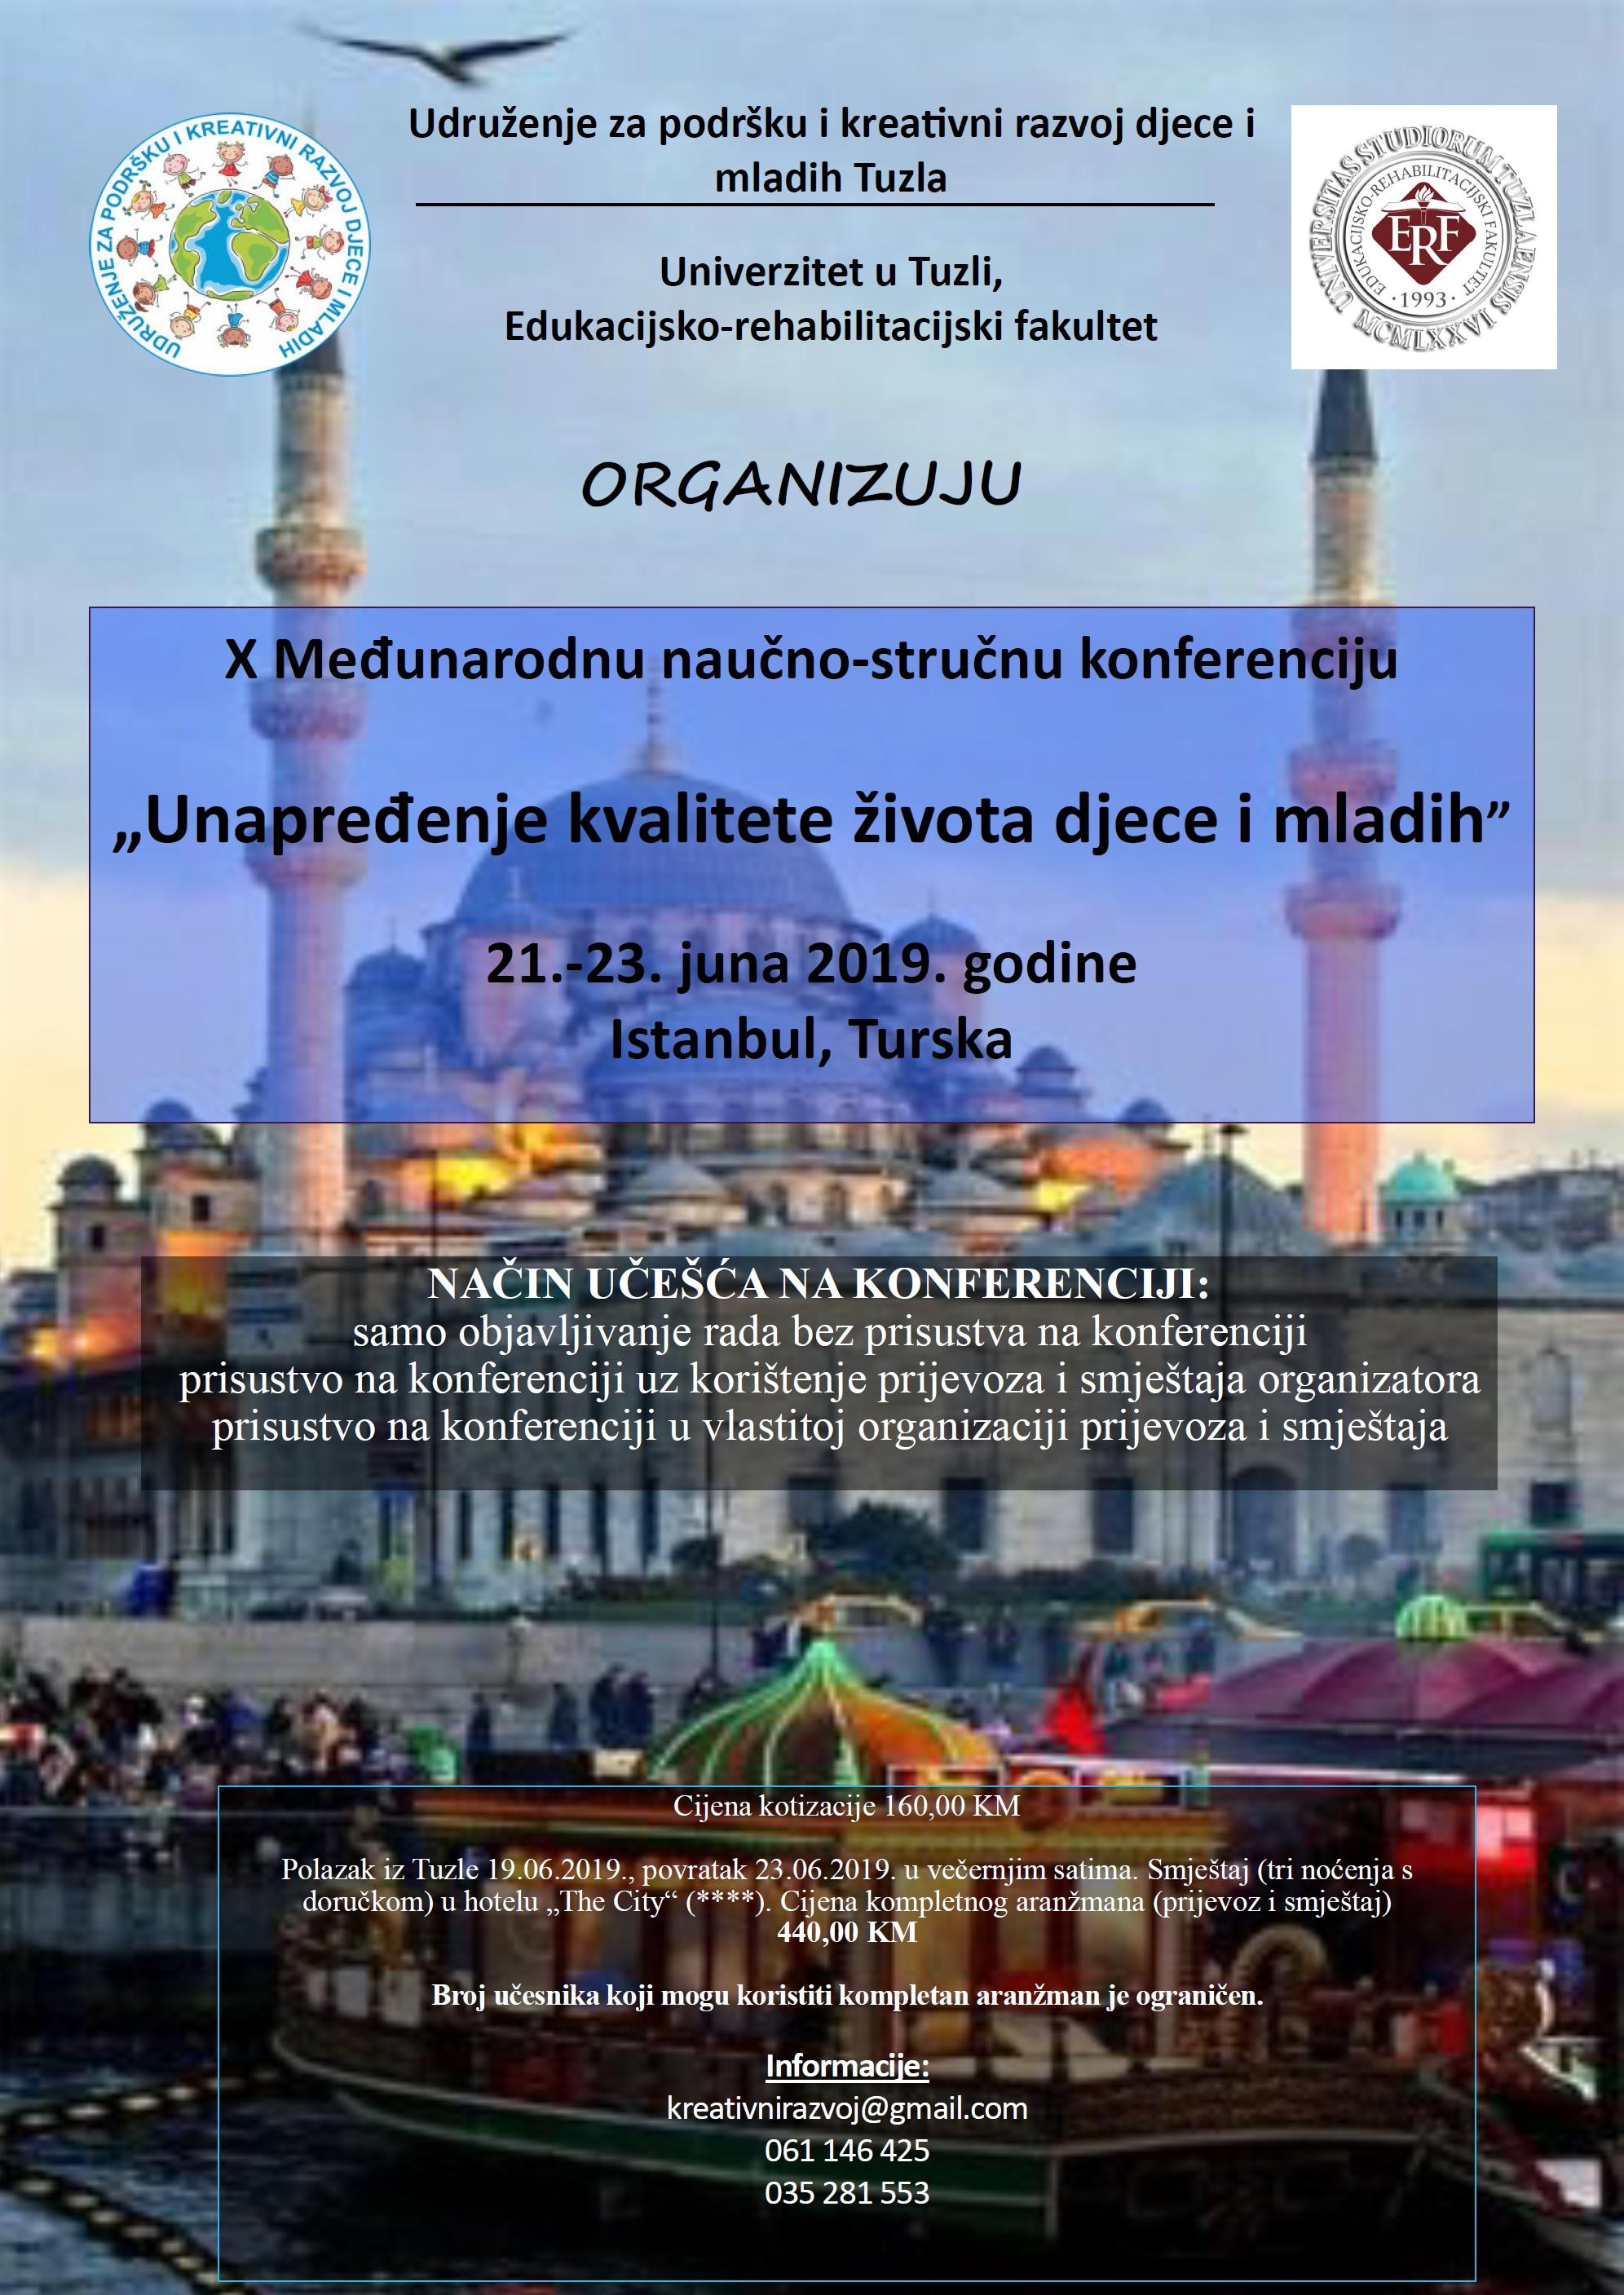 """X Međunarodna naučno-stručna konferencija """"Unapređenje kvalitete života djece i mladih"""", Istanbul"""